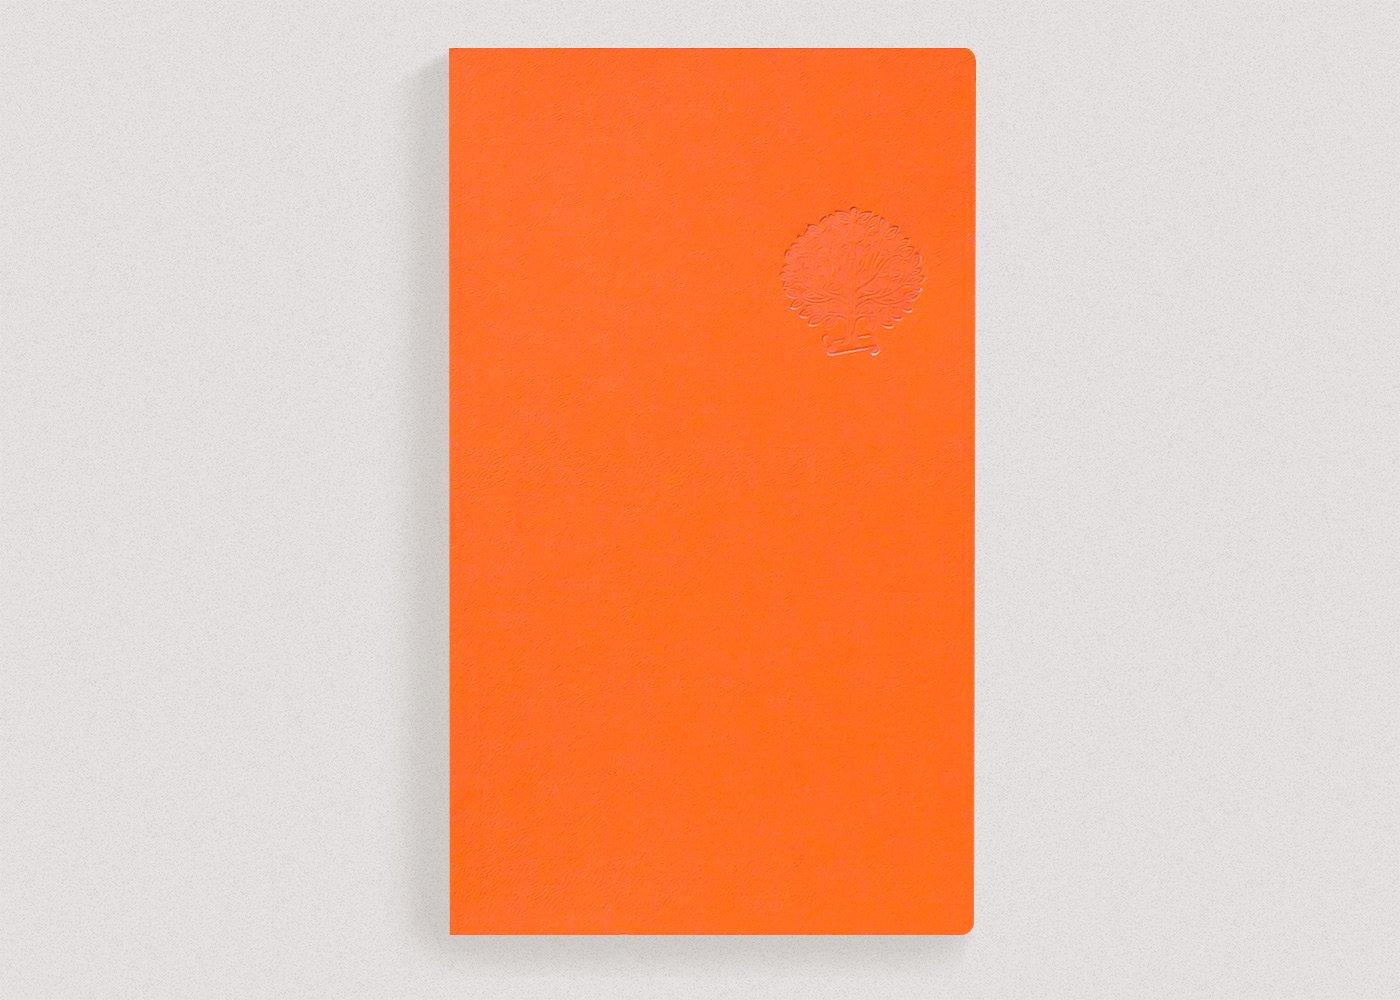 紙クロスノート[プレーン] A5変型 【限定カラー】